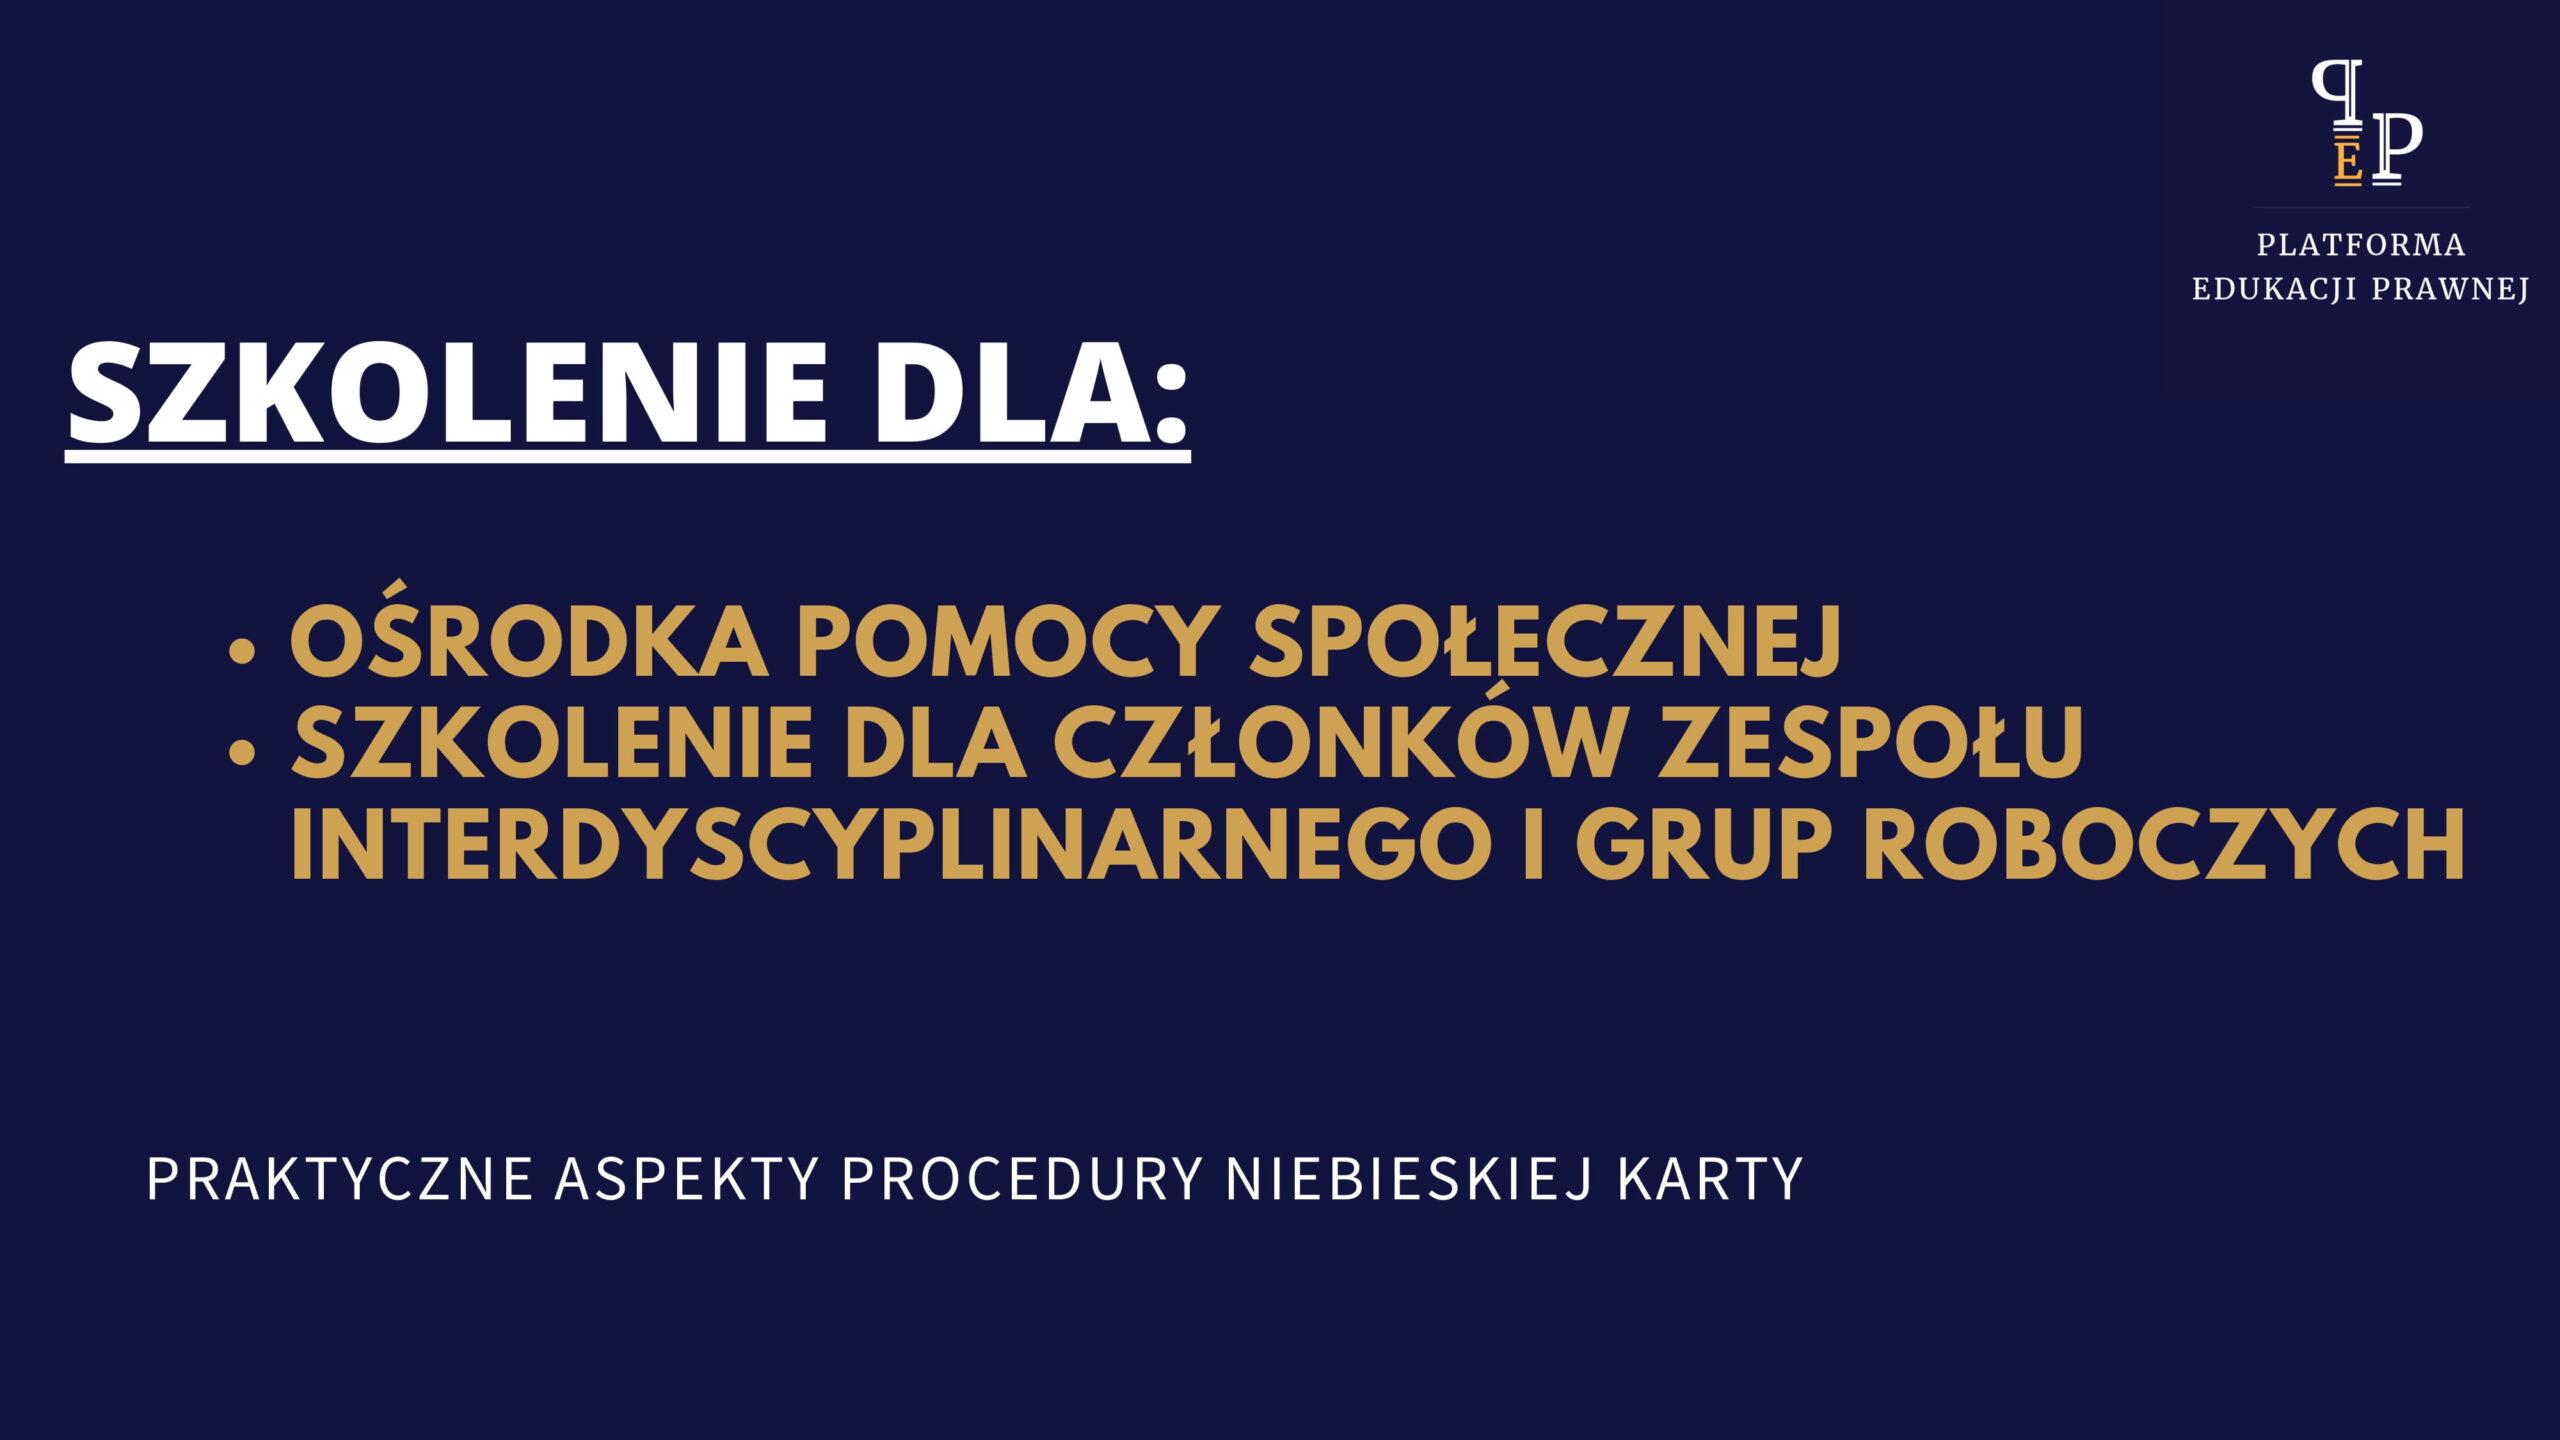 praktyczne_aspekty_procedury_niebieskiej_karty